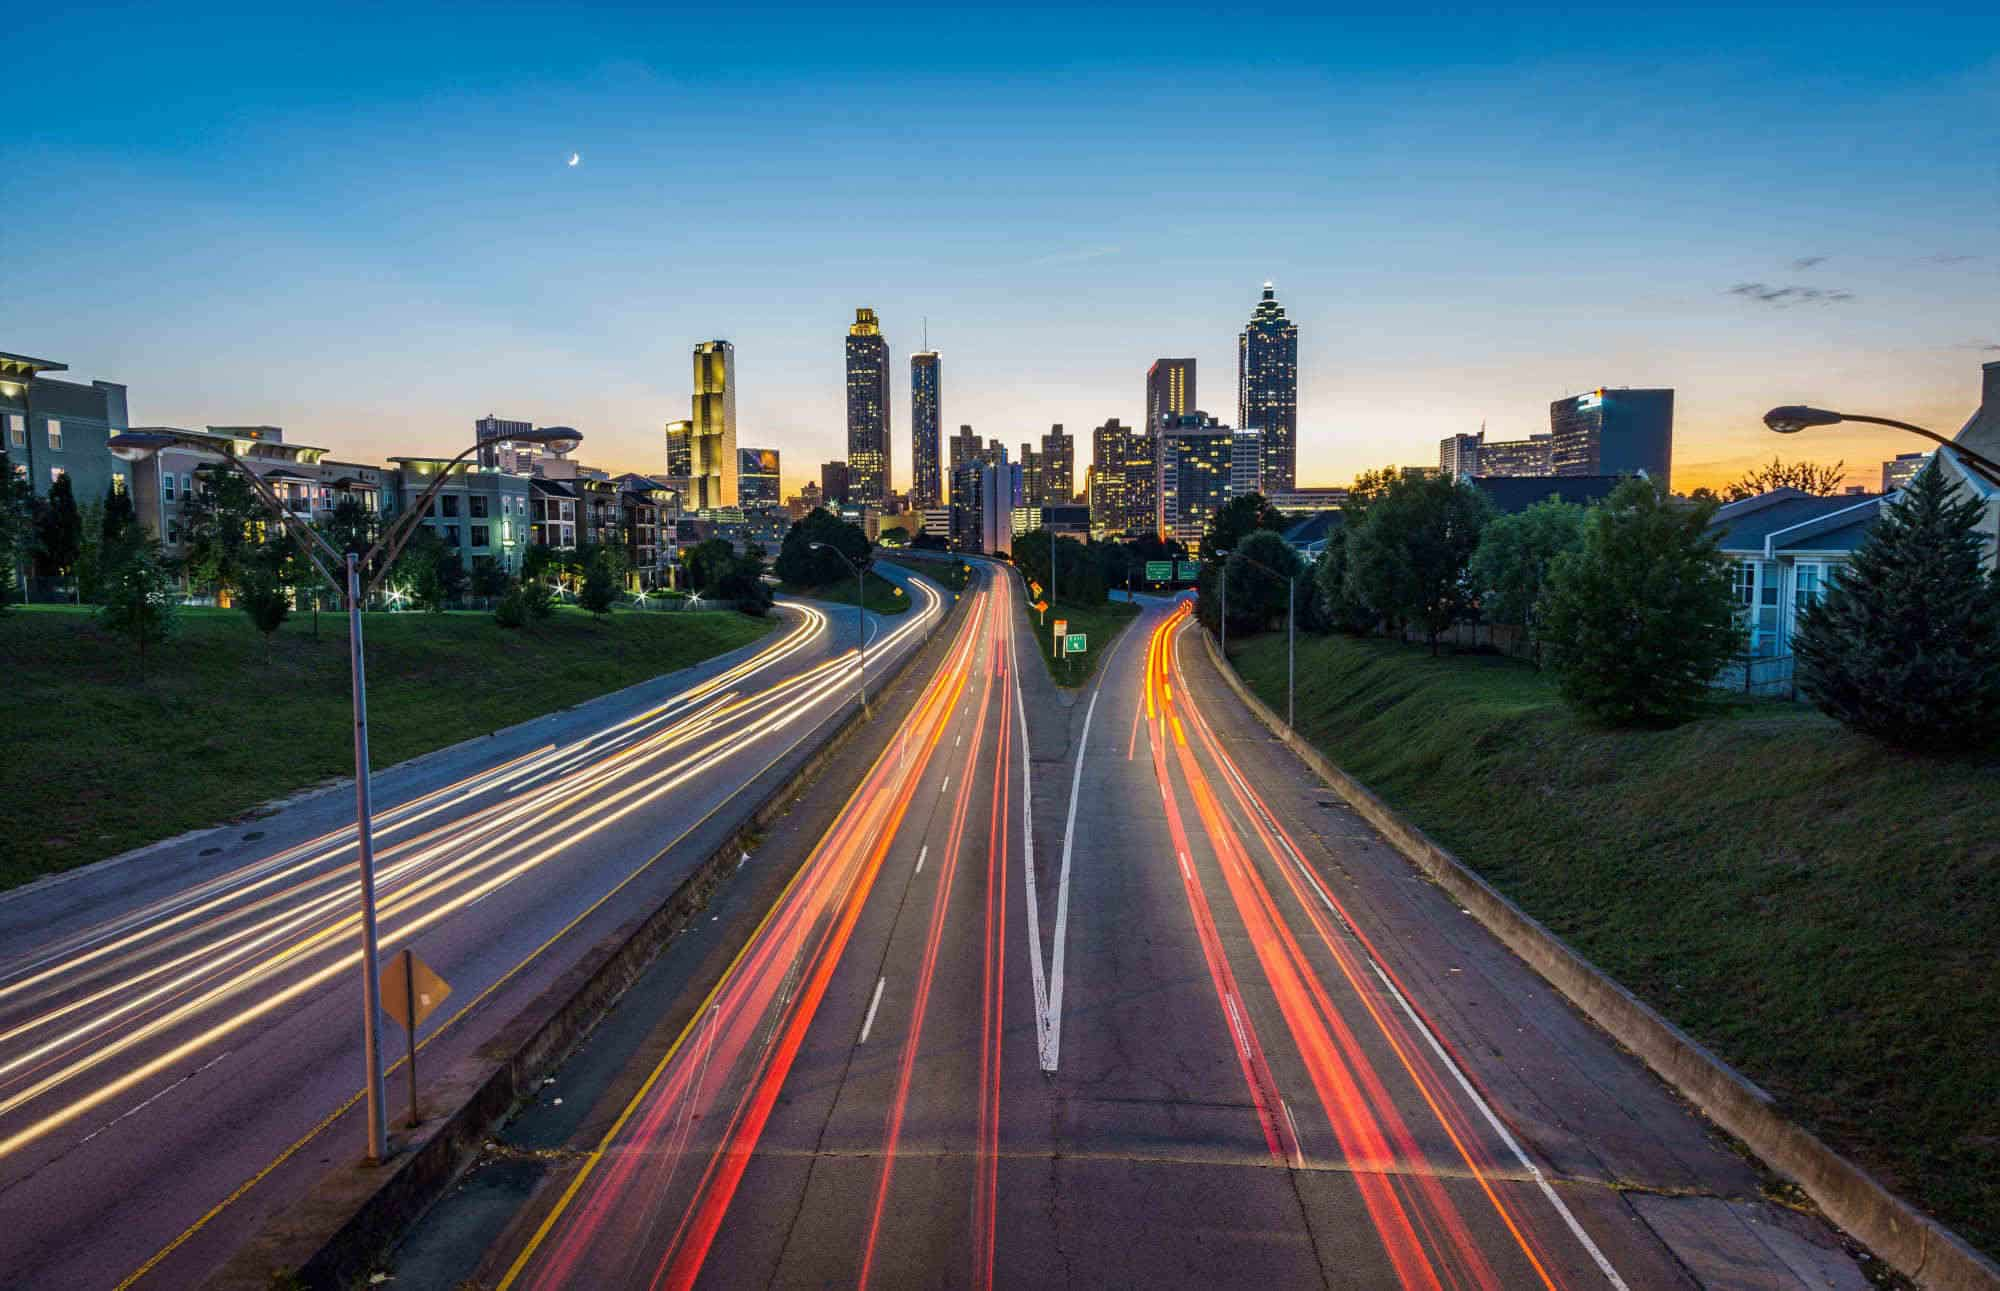 3 Day Atlanta Itinerary